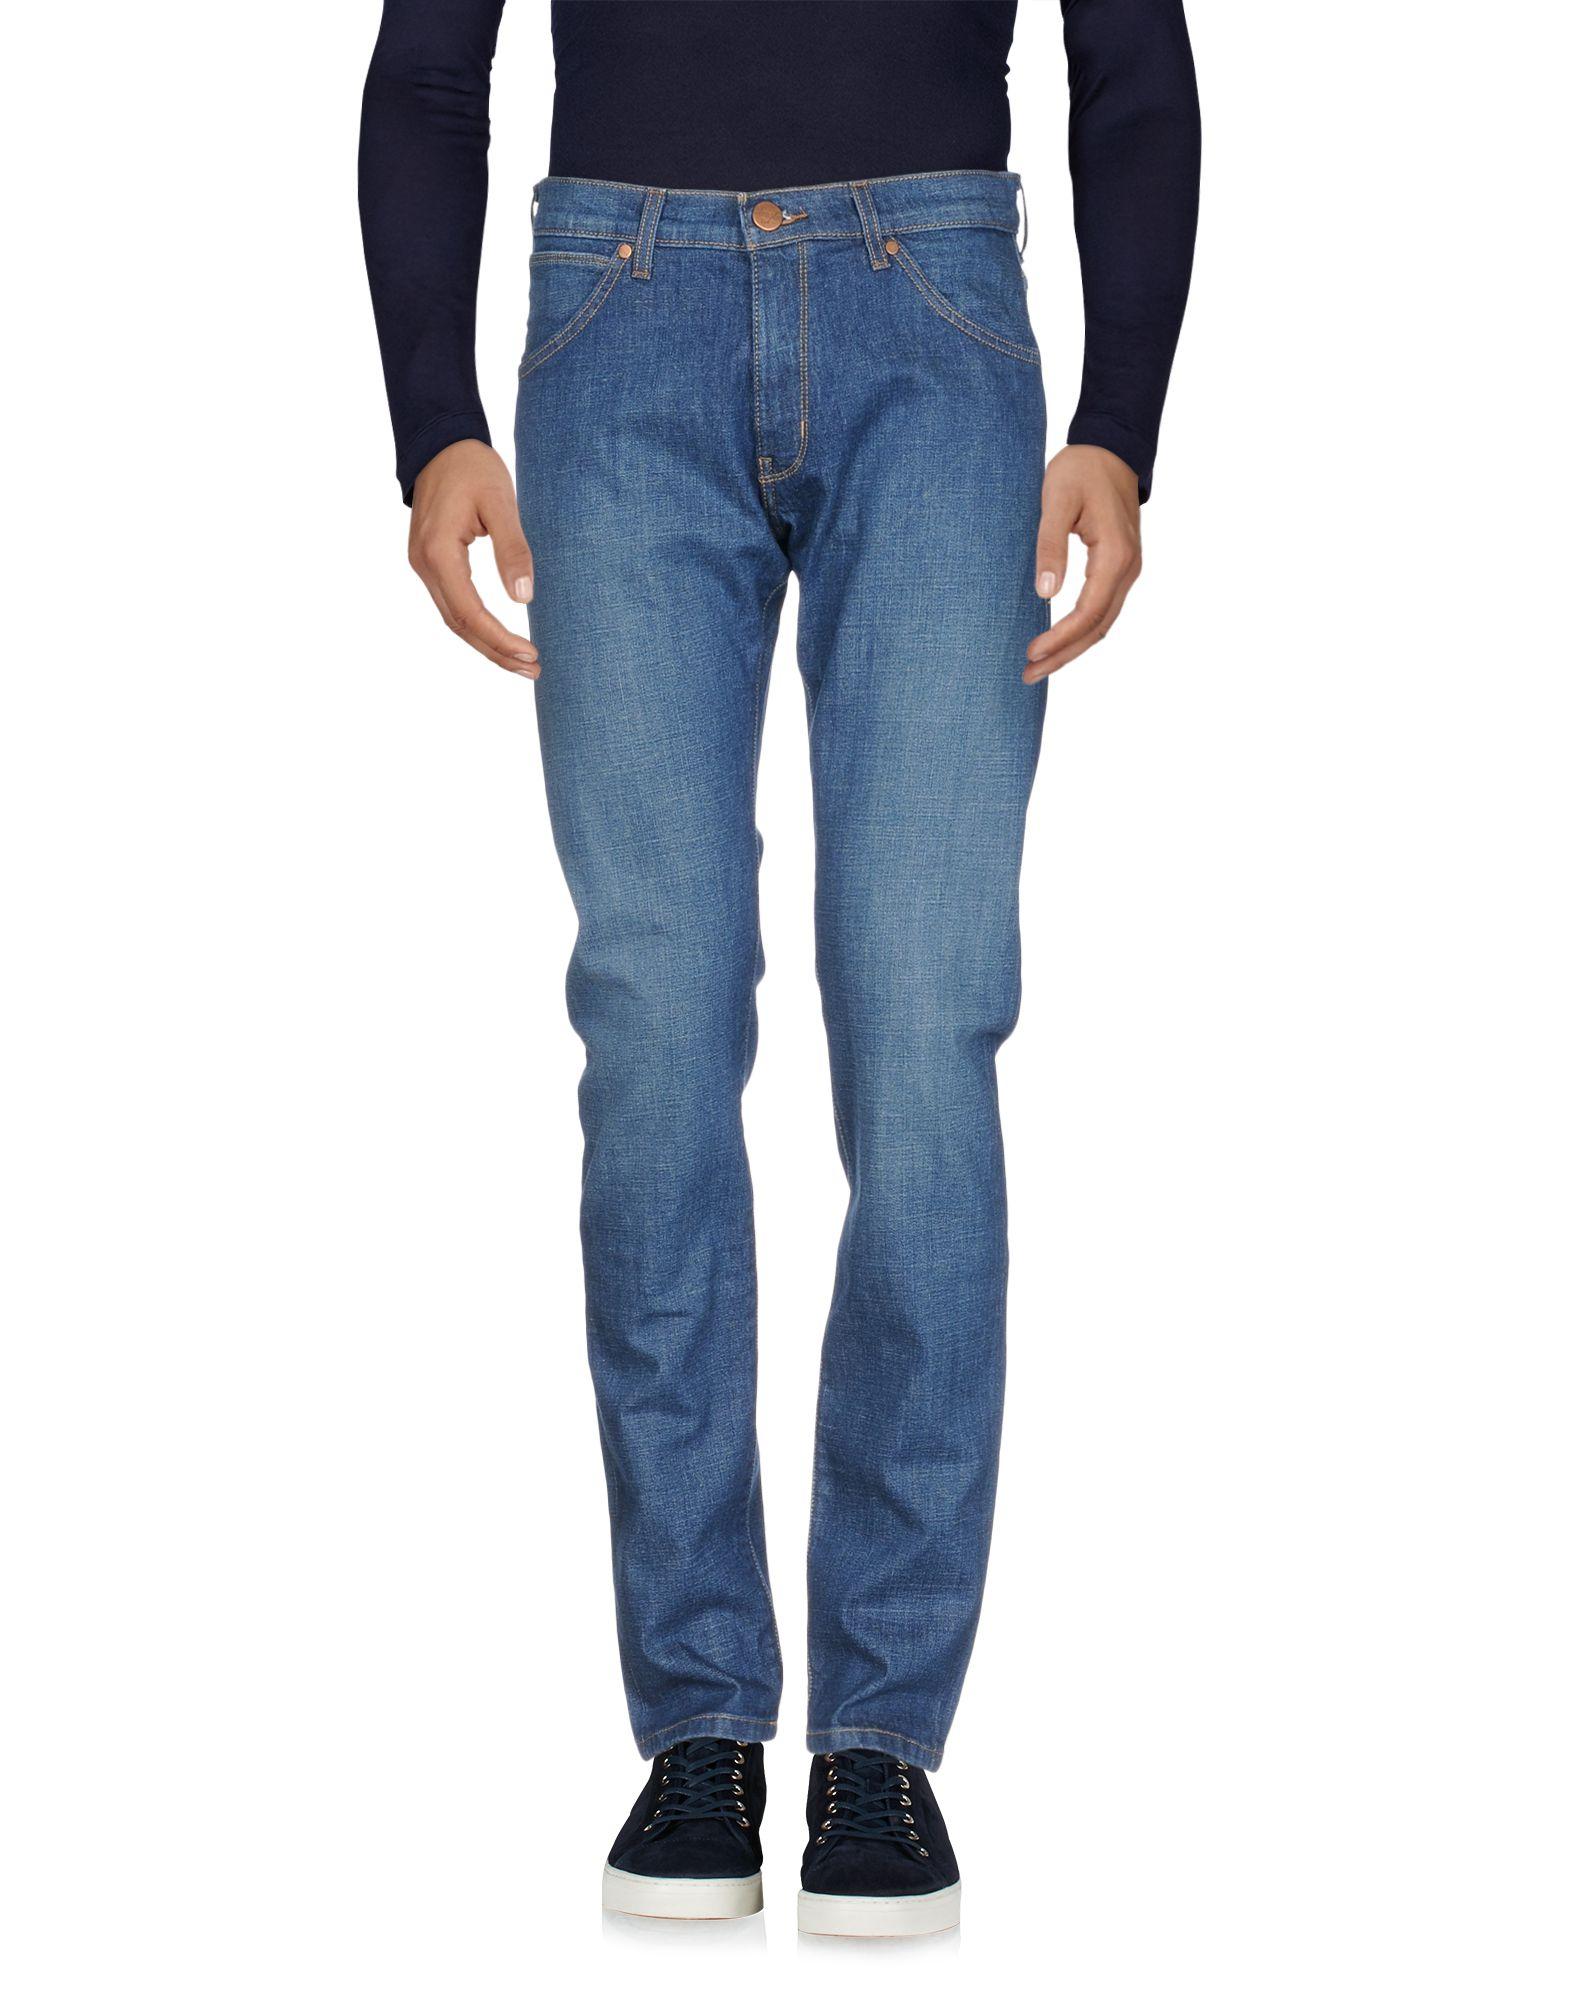 Pantaloni Jeans Wrangler Uomo - 42672834BI 42672834BI - 530709